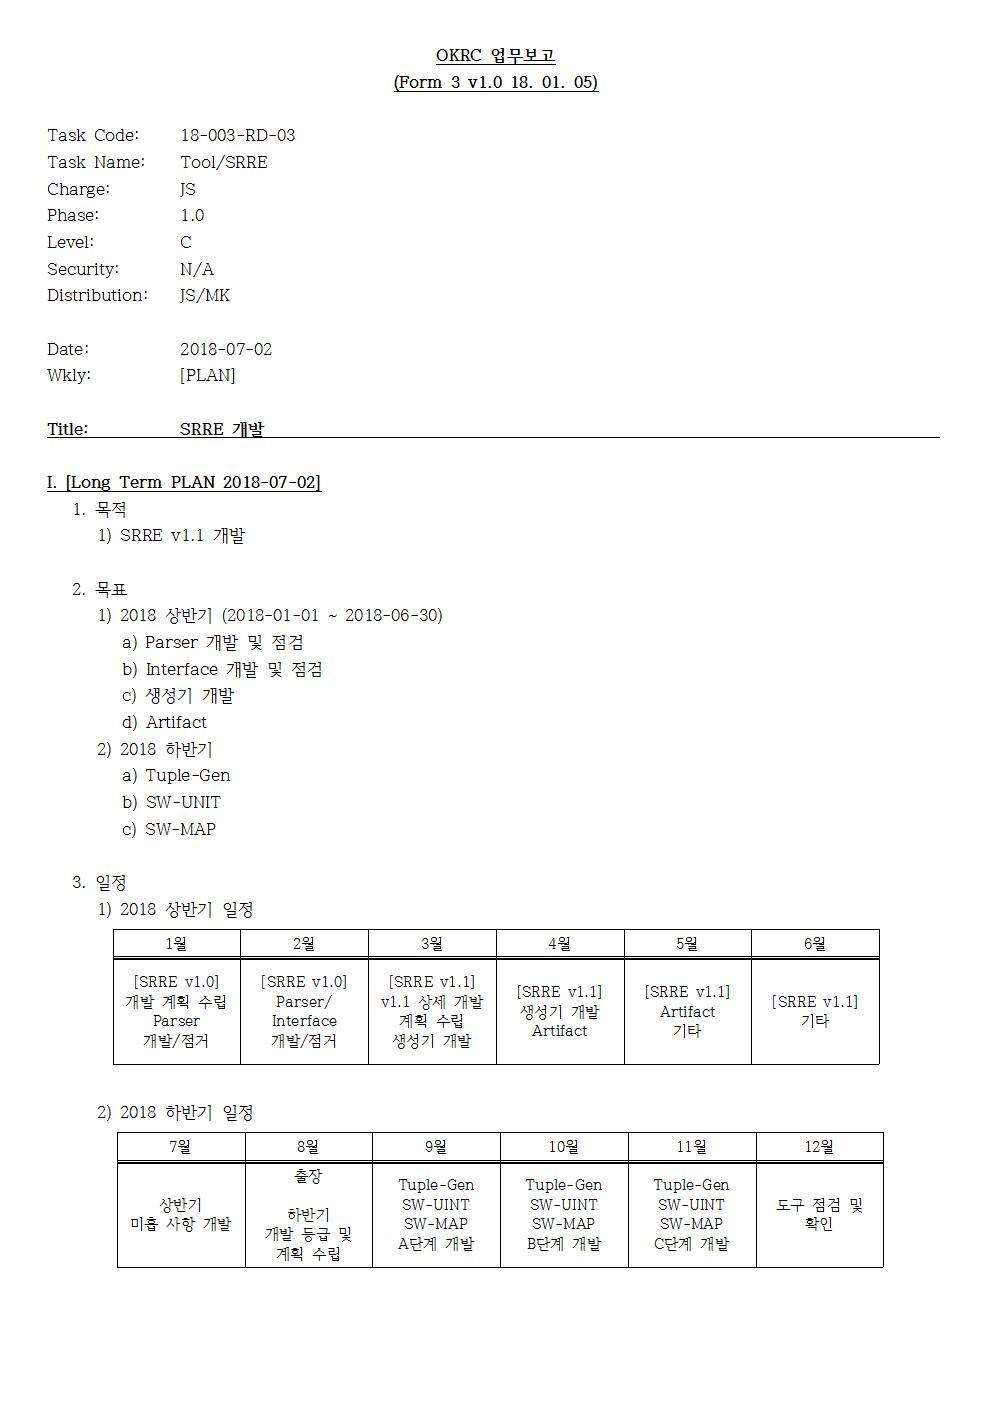 D-[18-003-RD-03]-[SRRE]-[2018-07-06][JS]001.jpg